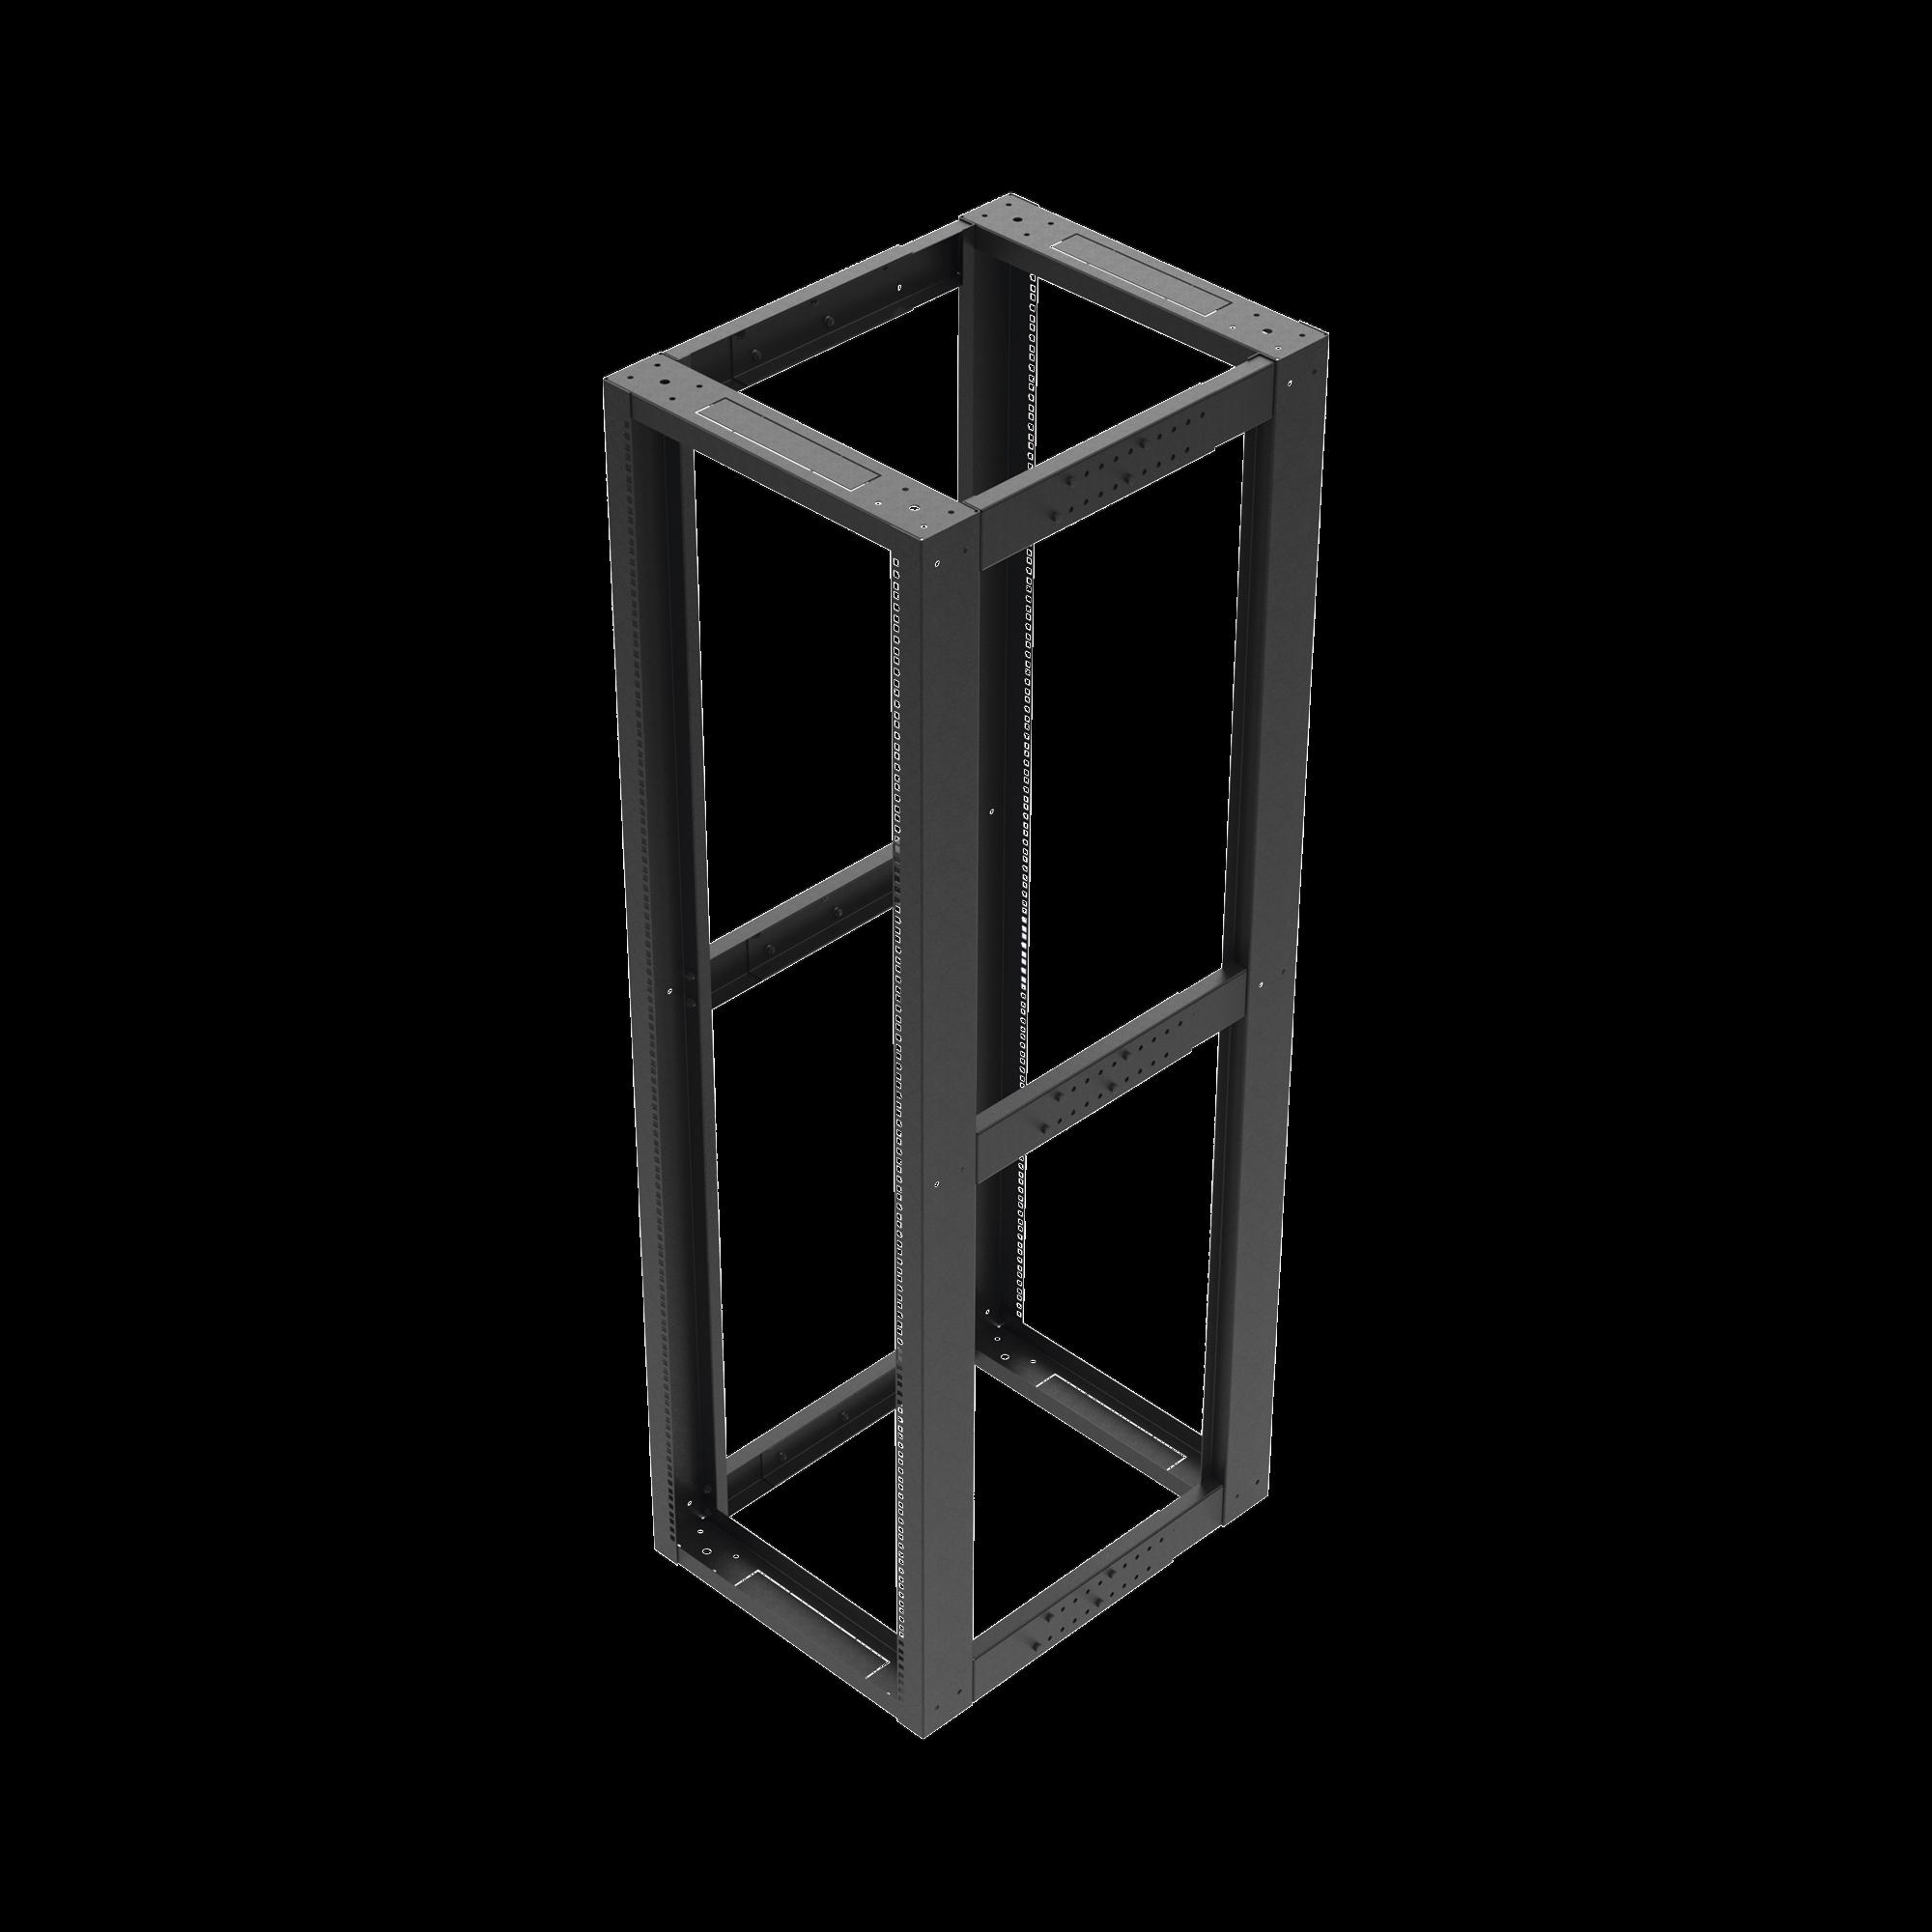 Rack Estándar 19 de 4 Postes, Acero, 42 Unidades, Profundidad Ajustable.